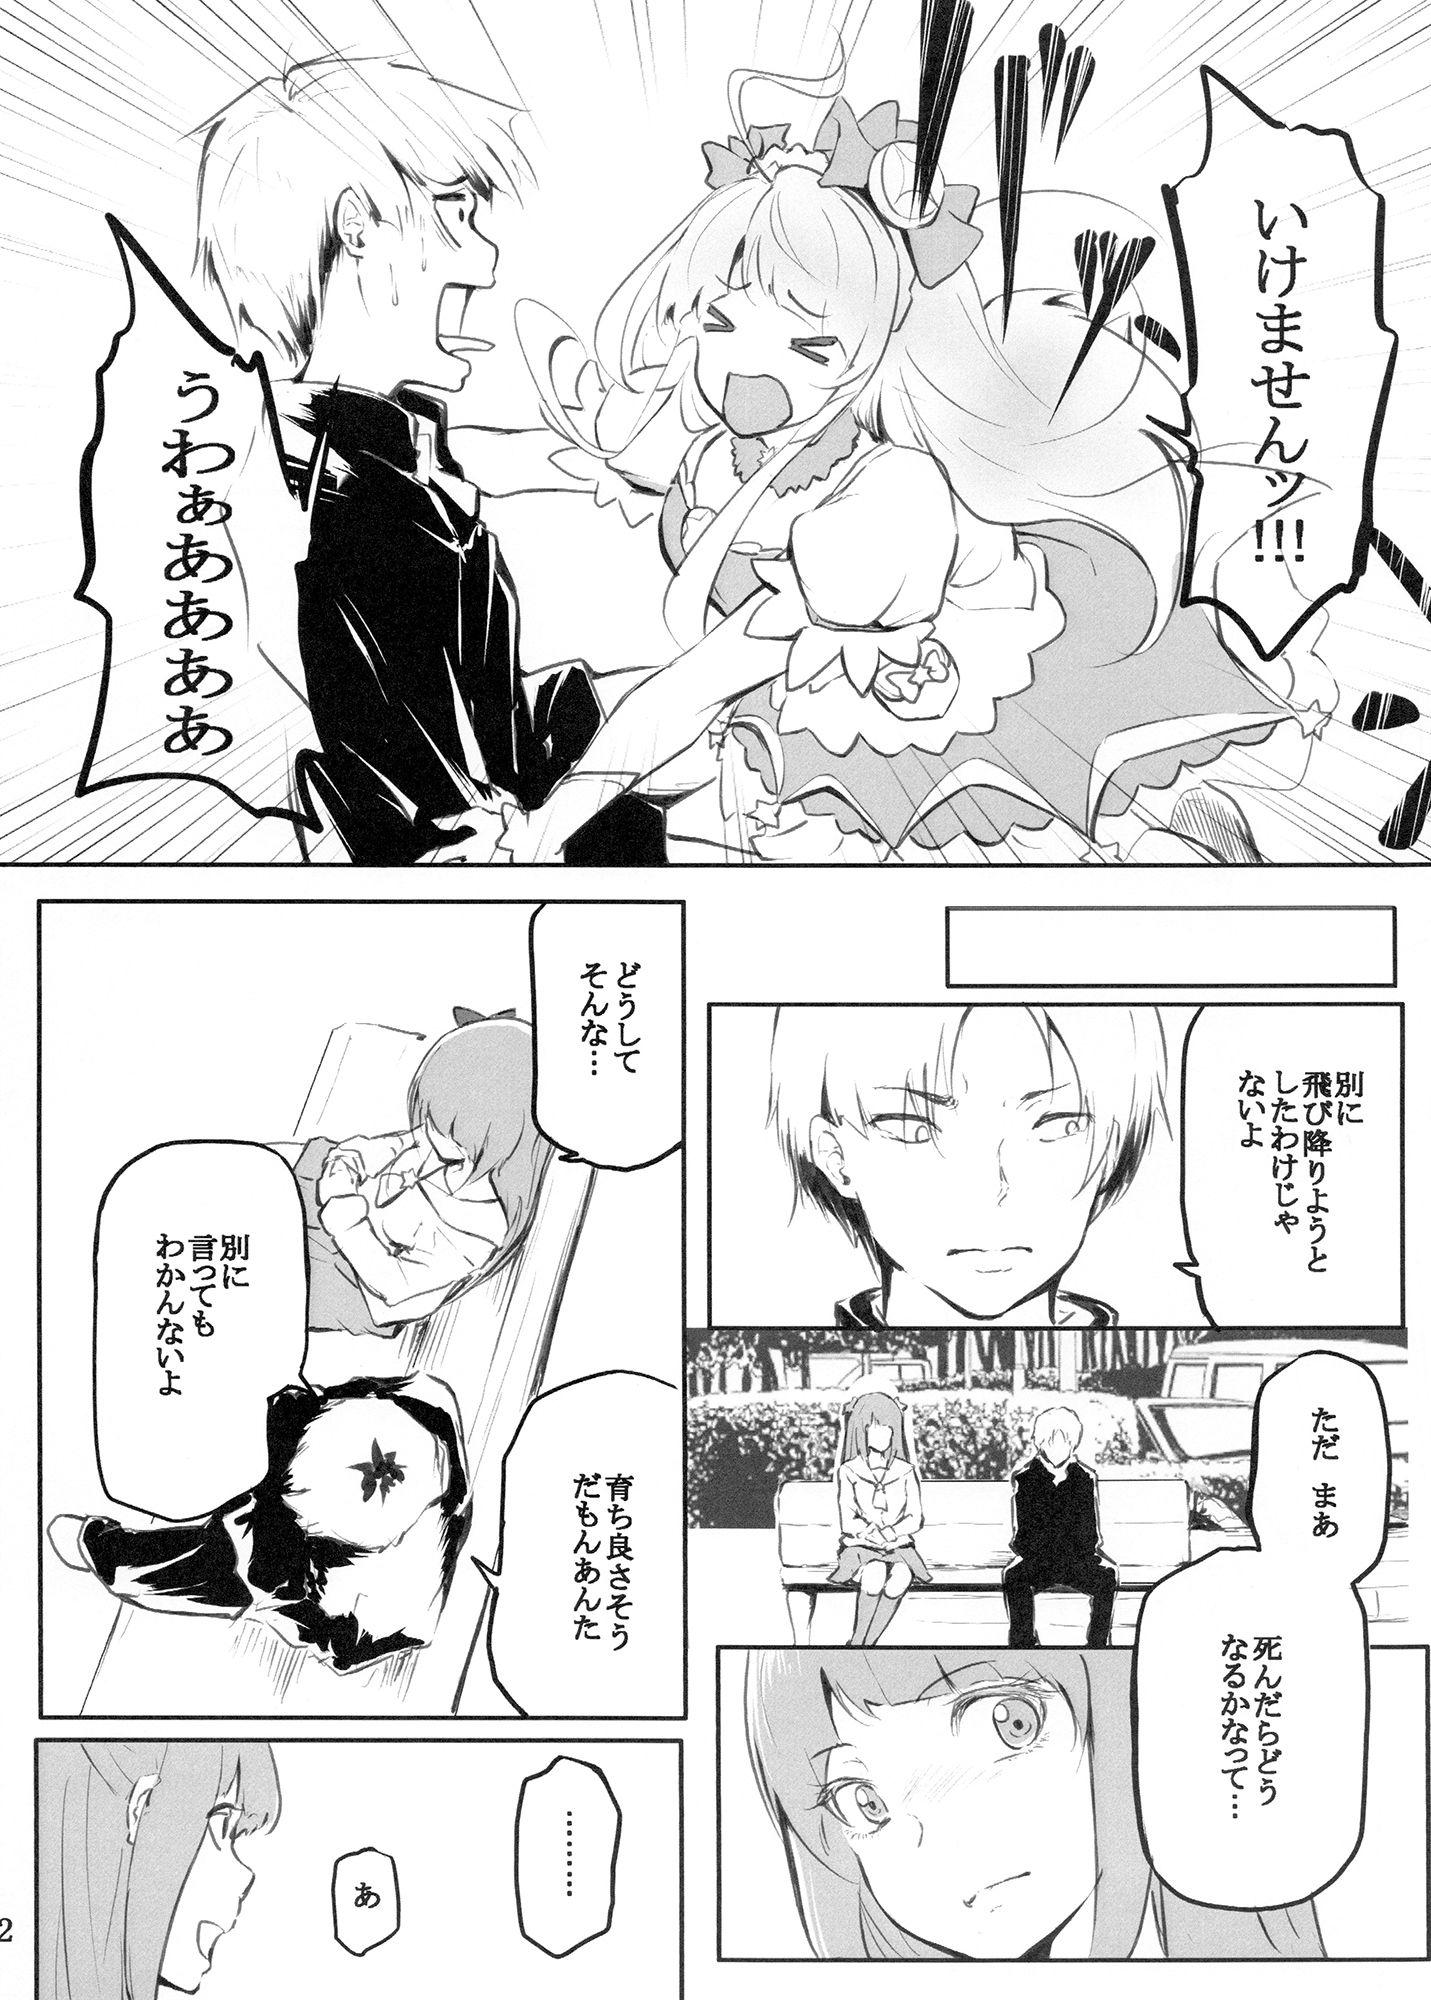 羞月閉花アニメ画像